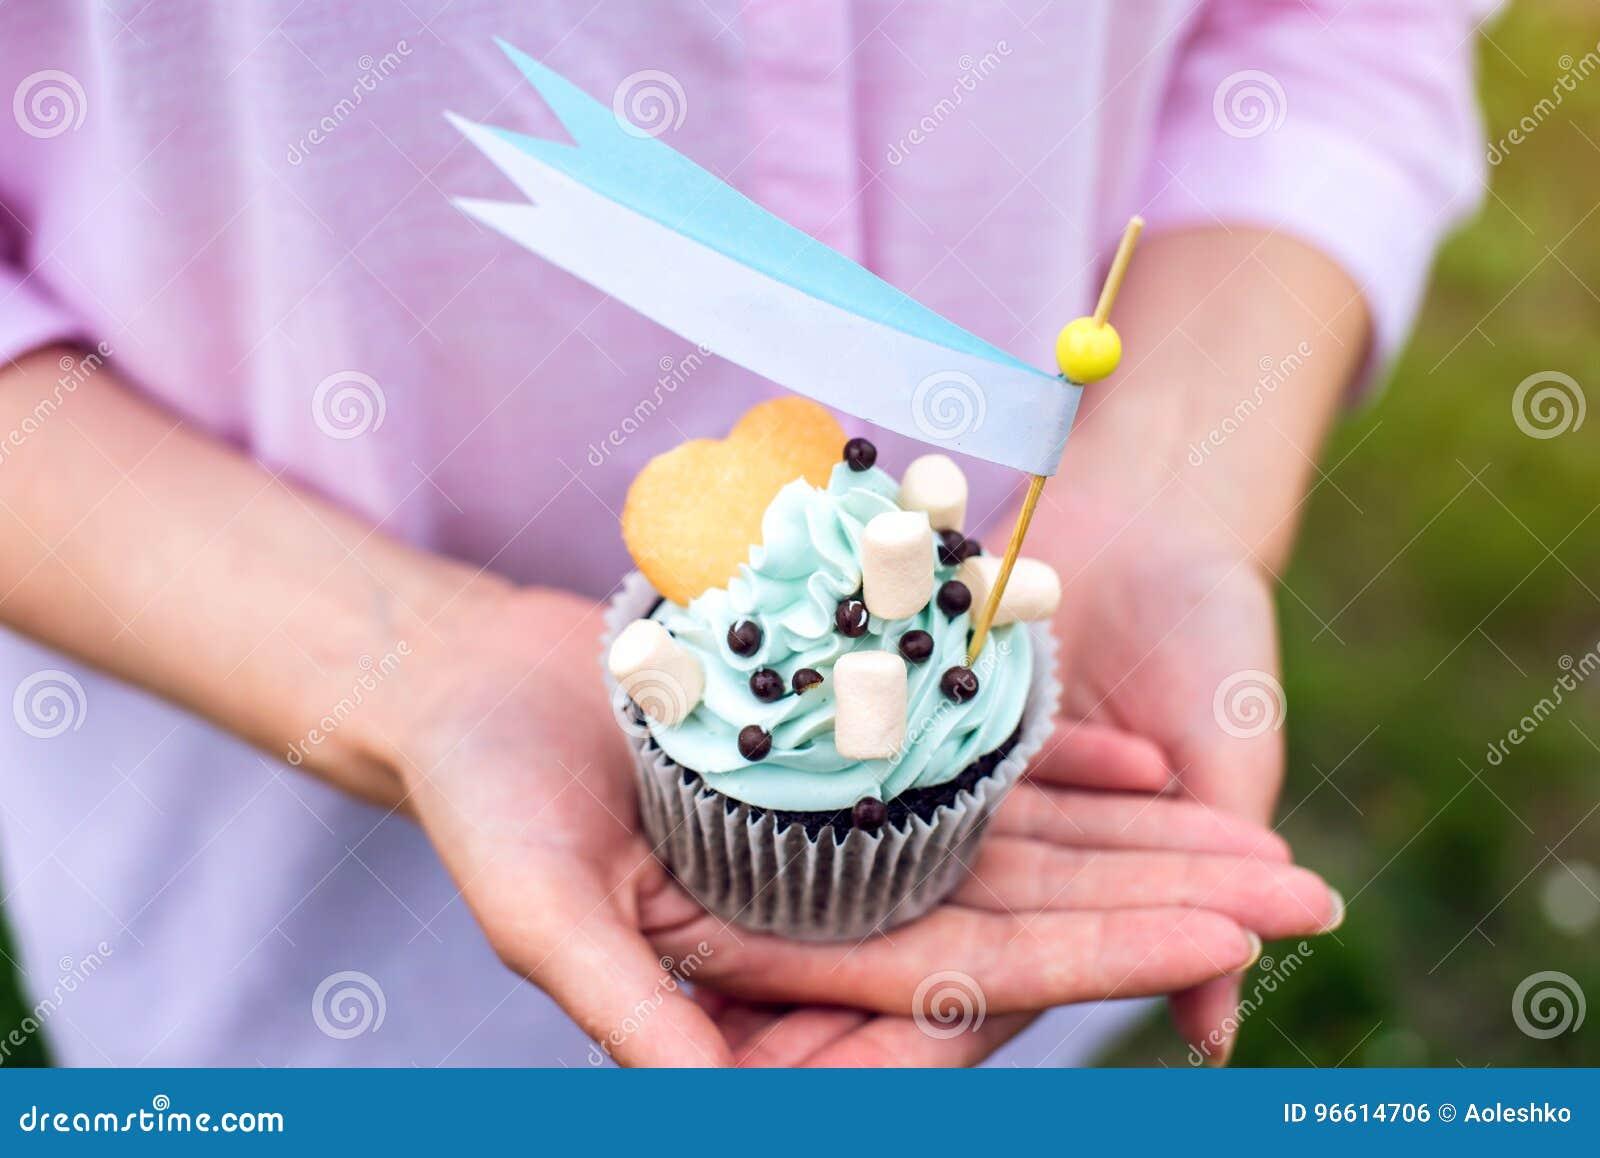 Köstlicher Kleiner Kuchen Mit Blauer Creme Und Eibischen In Den